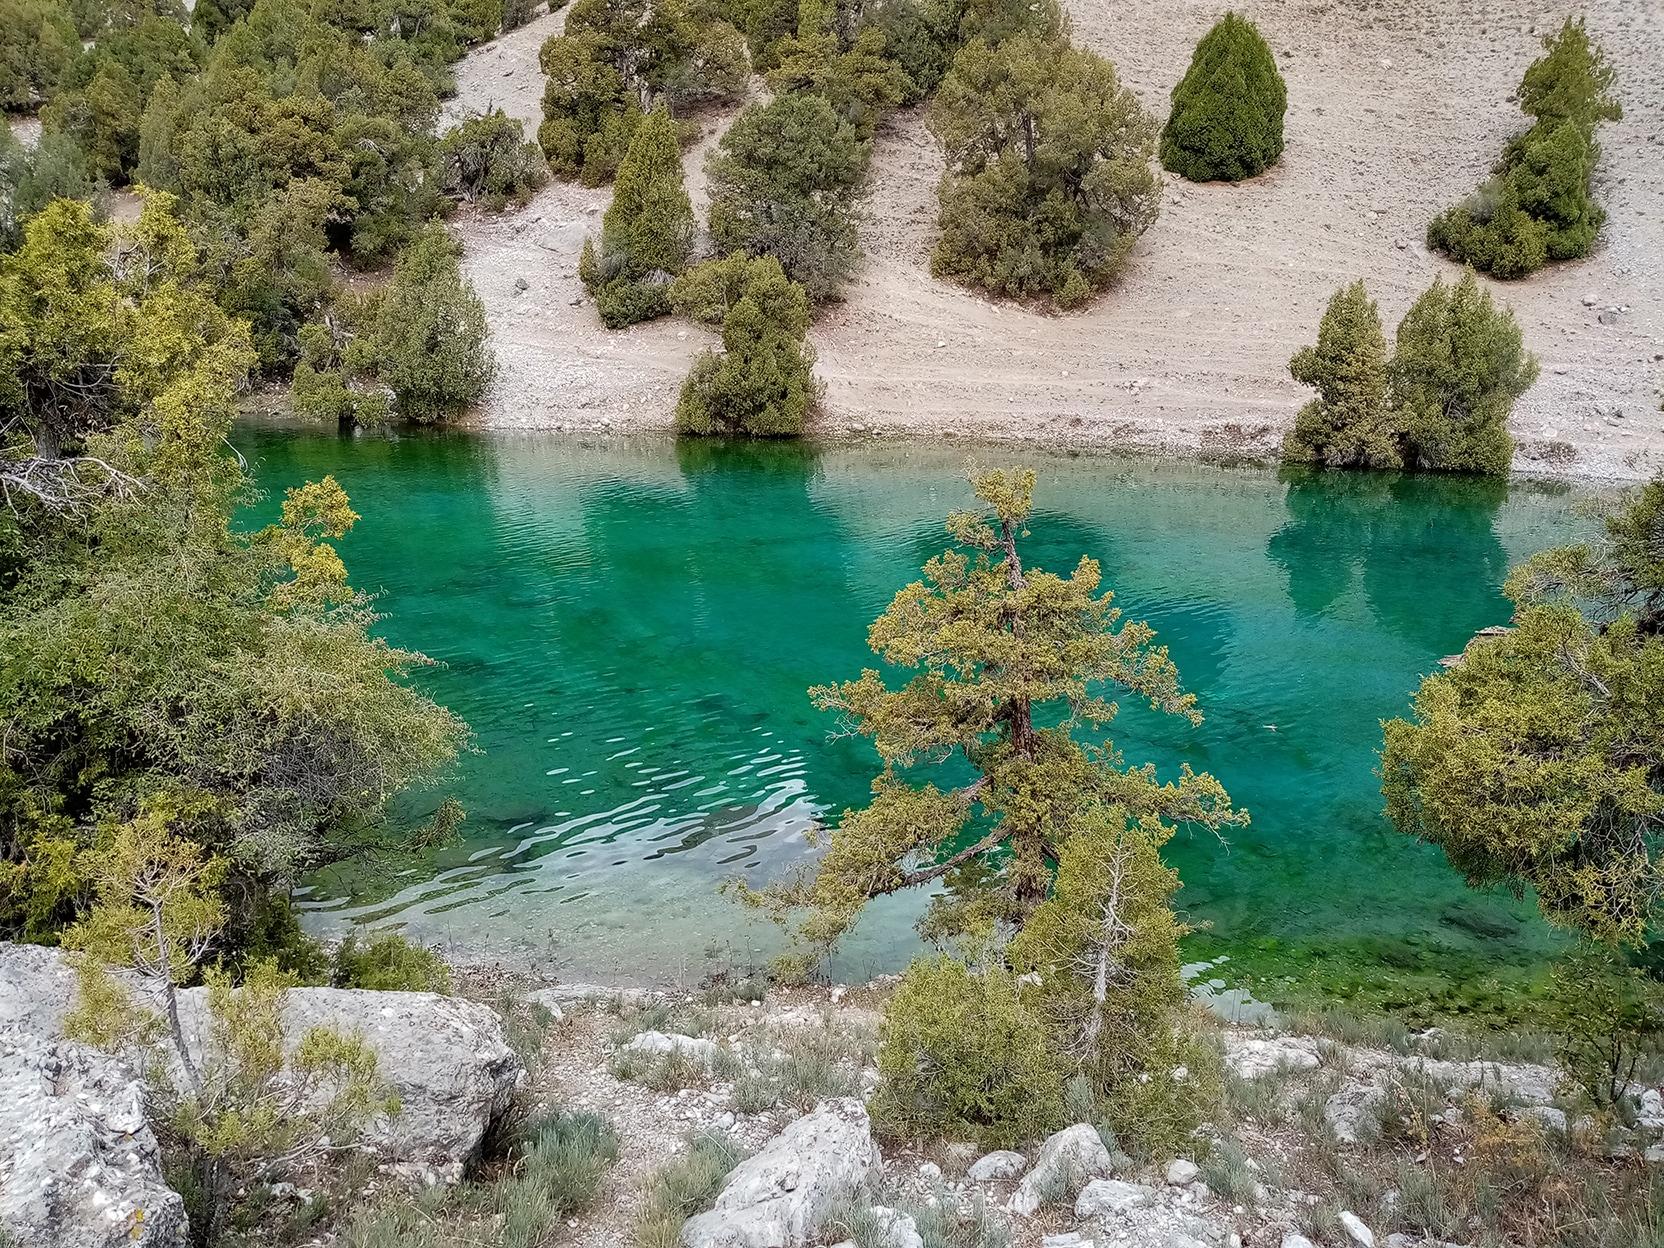 Lake by the Fann Mountains, Tajikistan